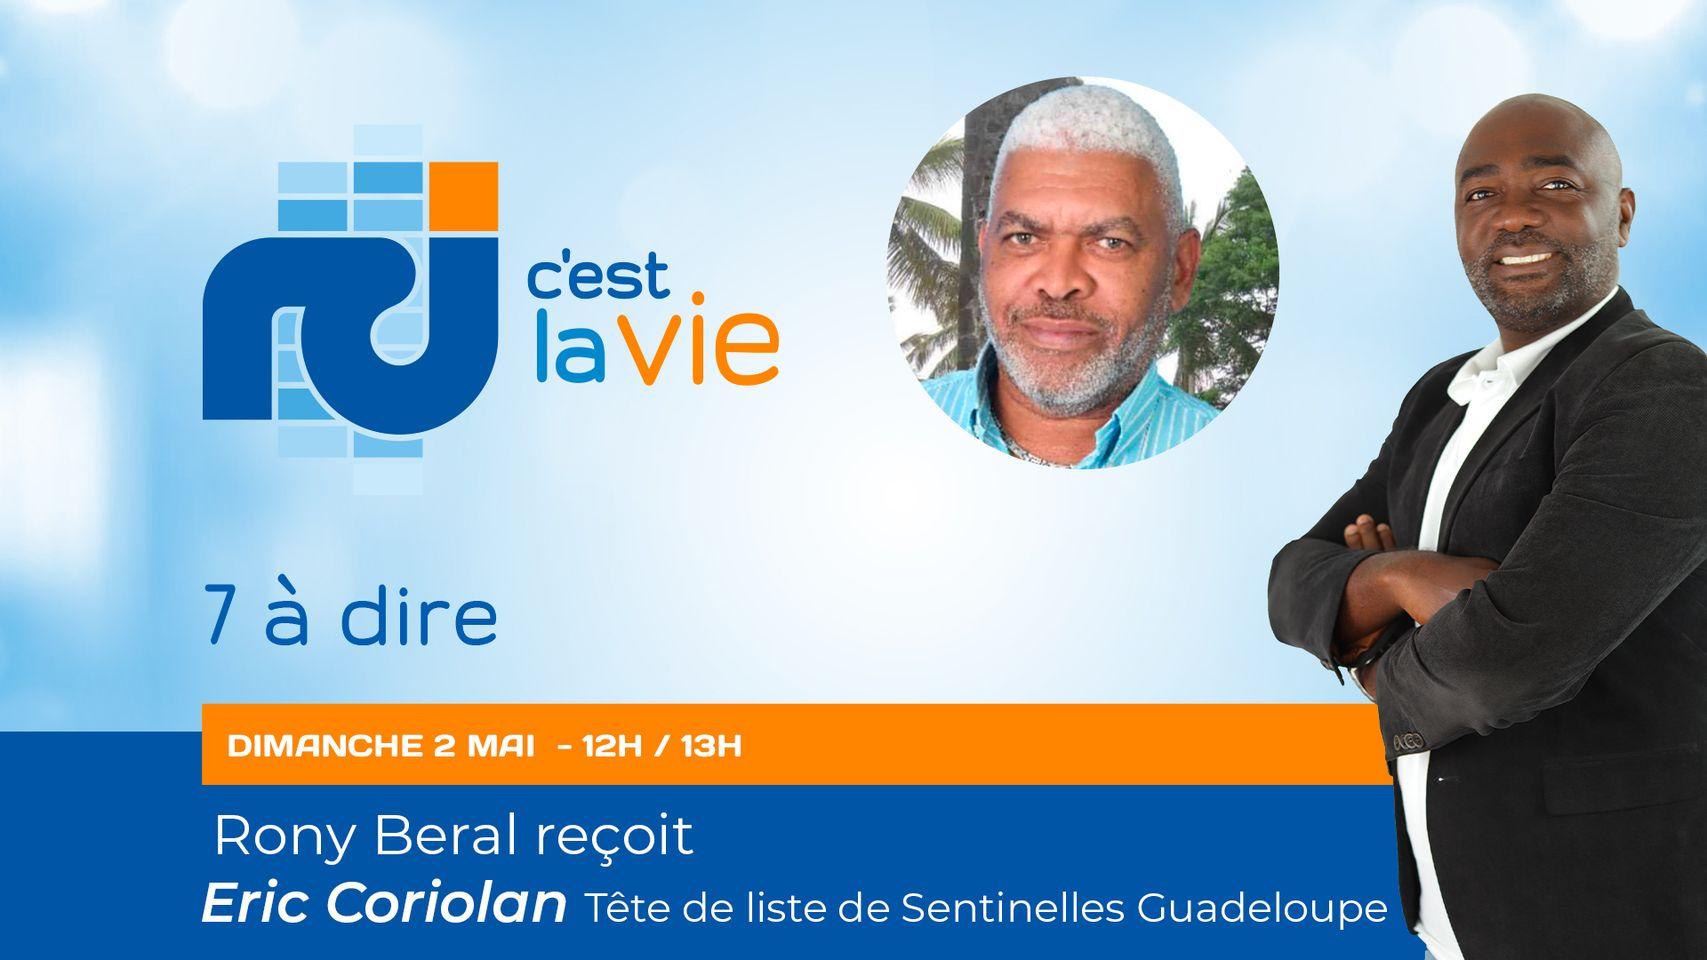 [LIVE] Eric Coriolan, tête de liste du mouvement Sentinelles Guadeloupe, est l'invité de 7 à dire